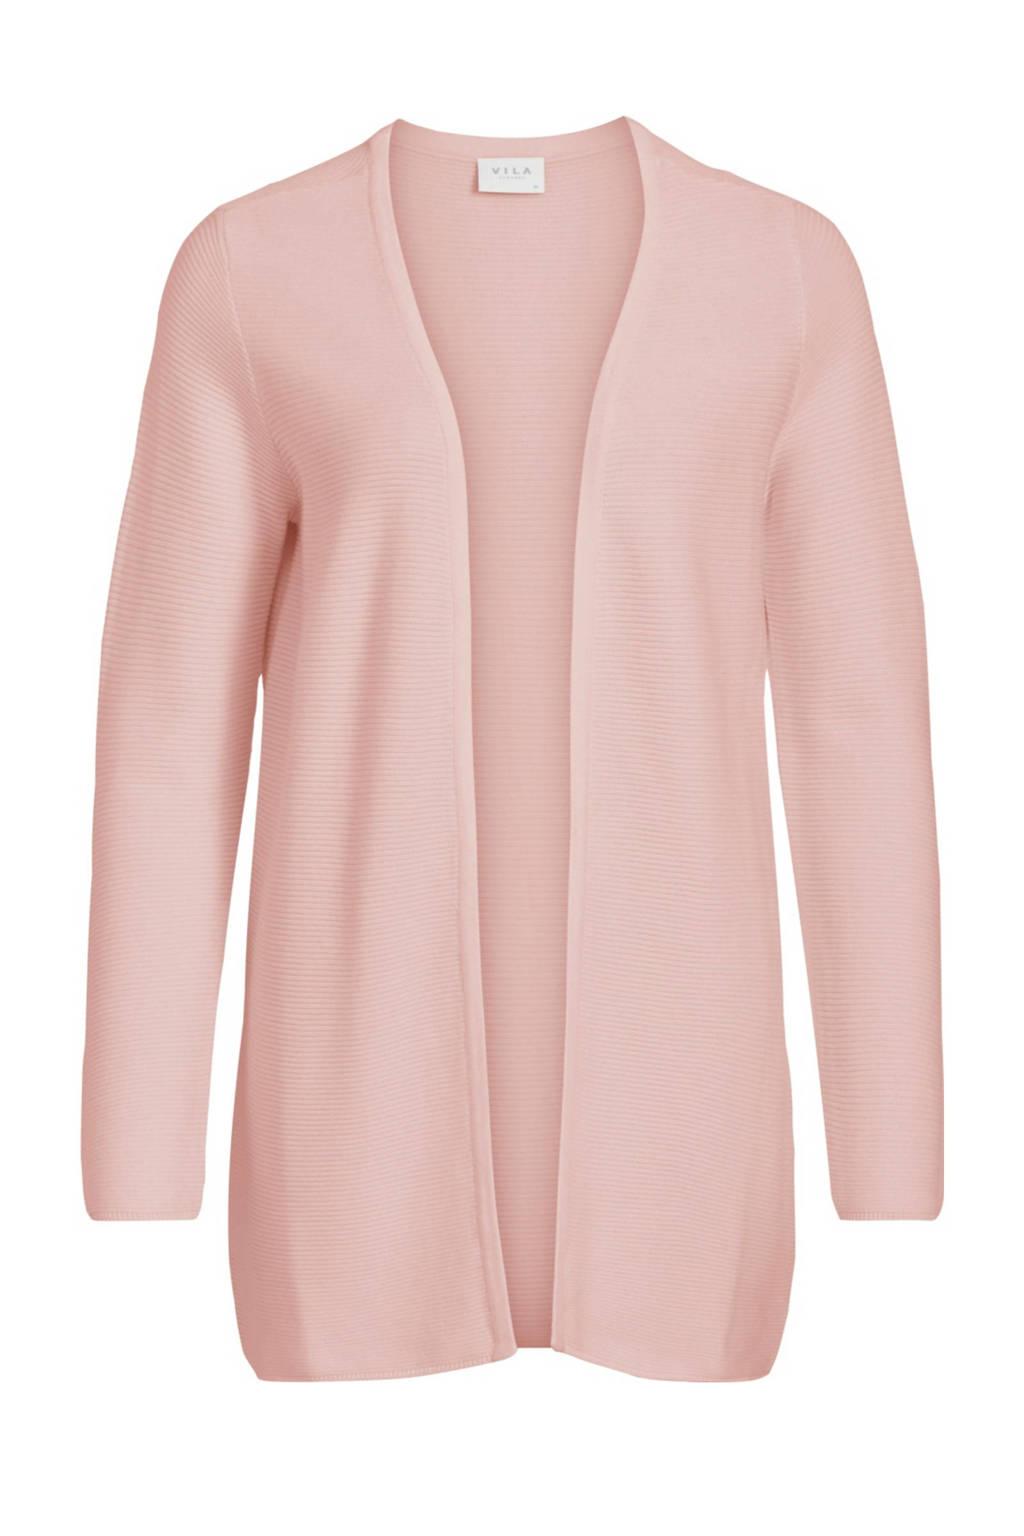 VILA vest roze, Roze